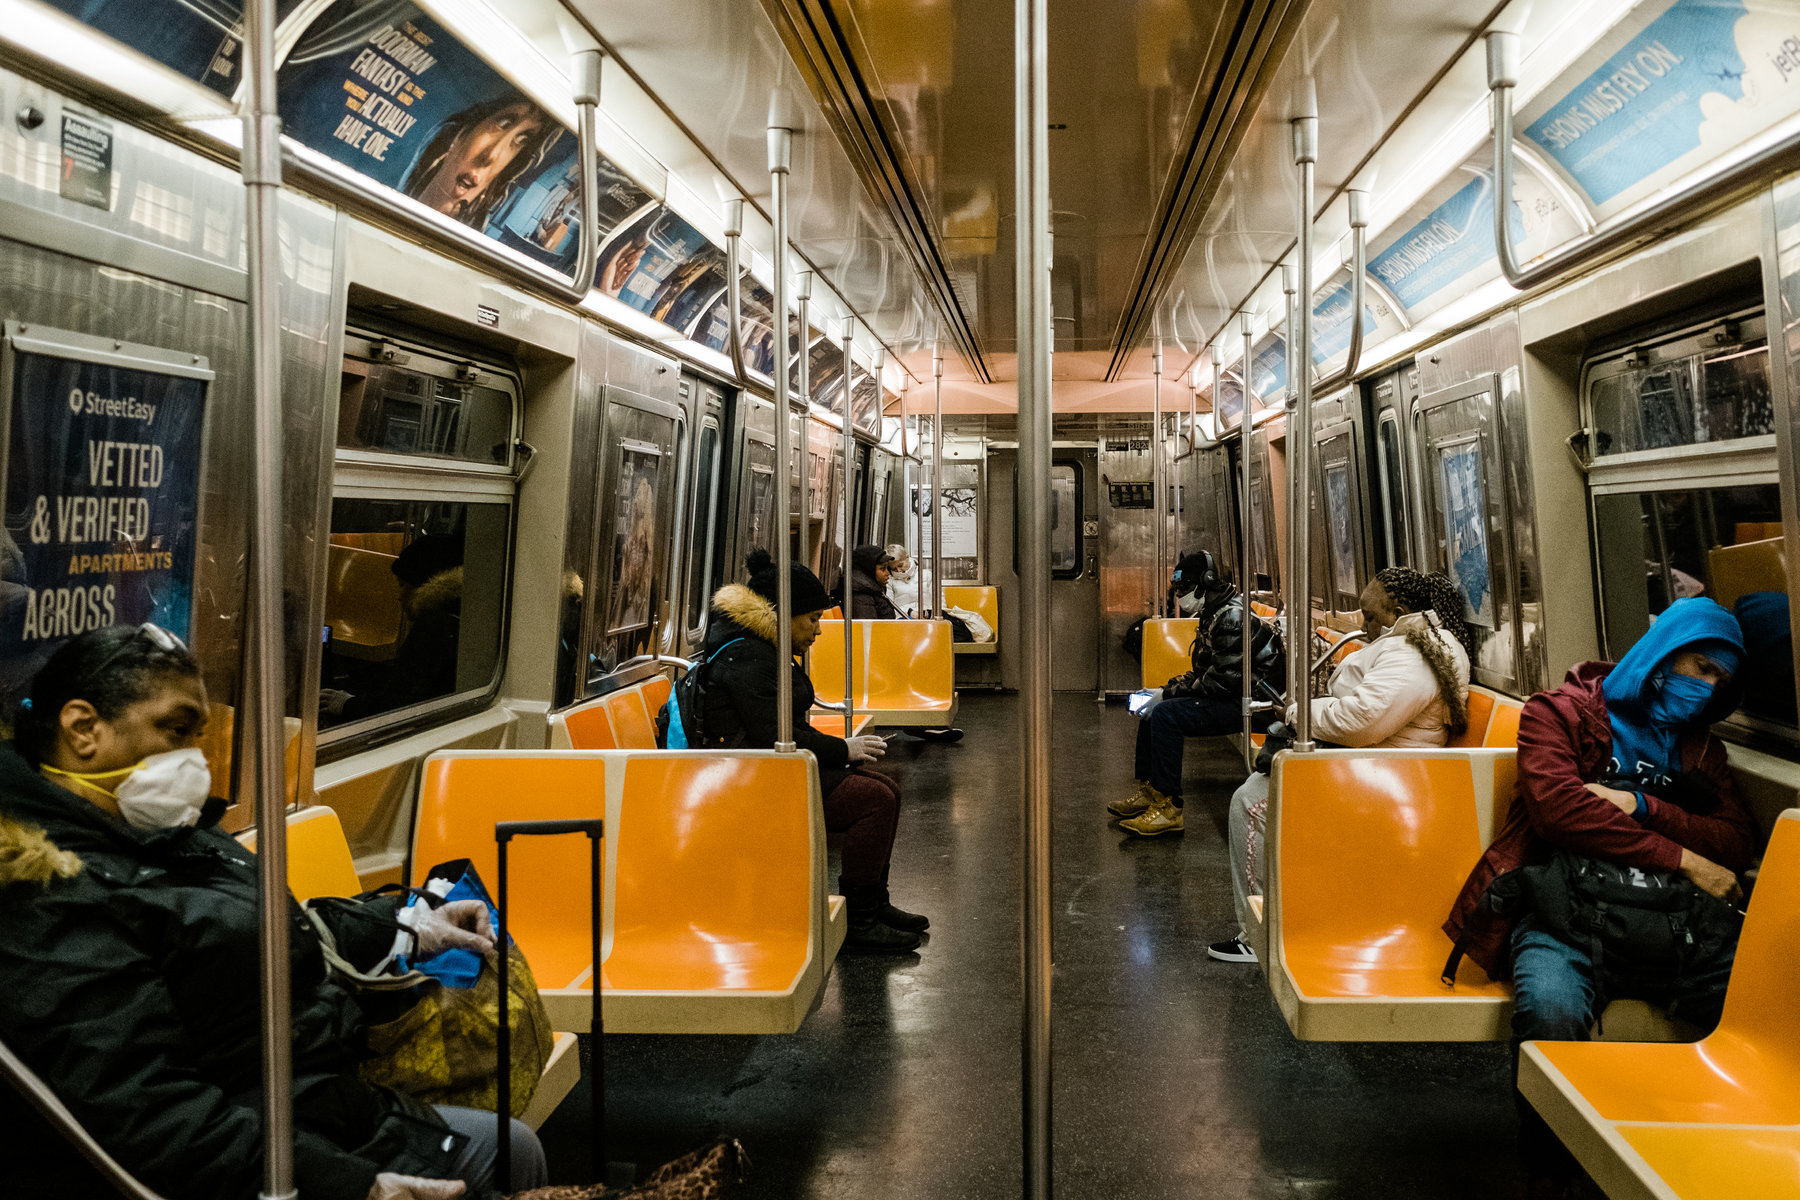 00nyvirus-subwayNEW30-mobileMasterAt3x